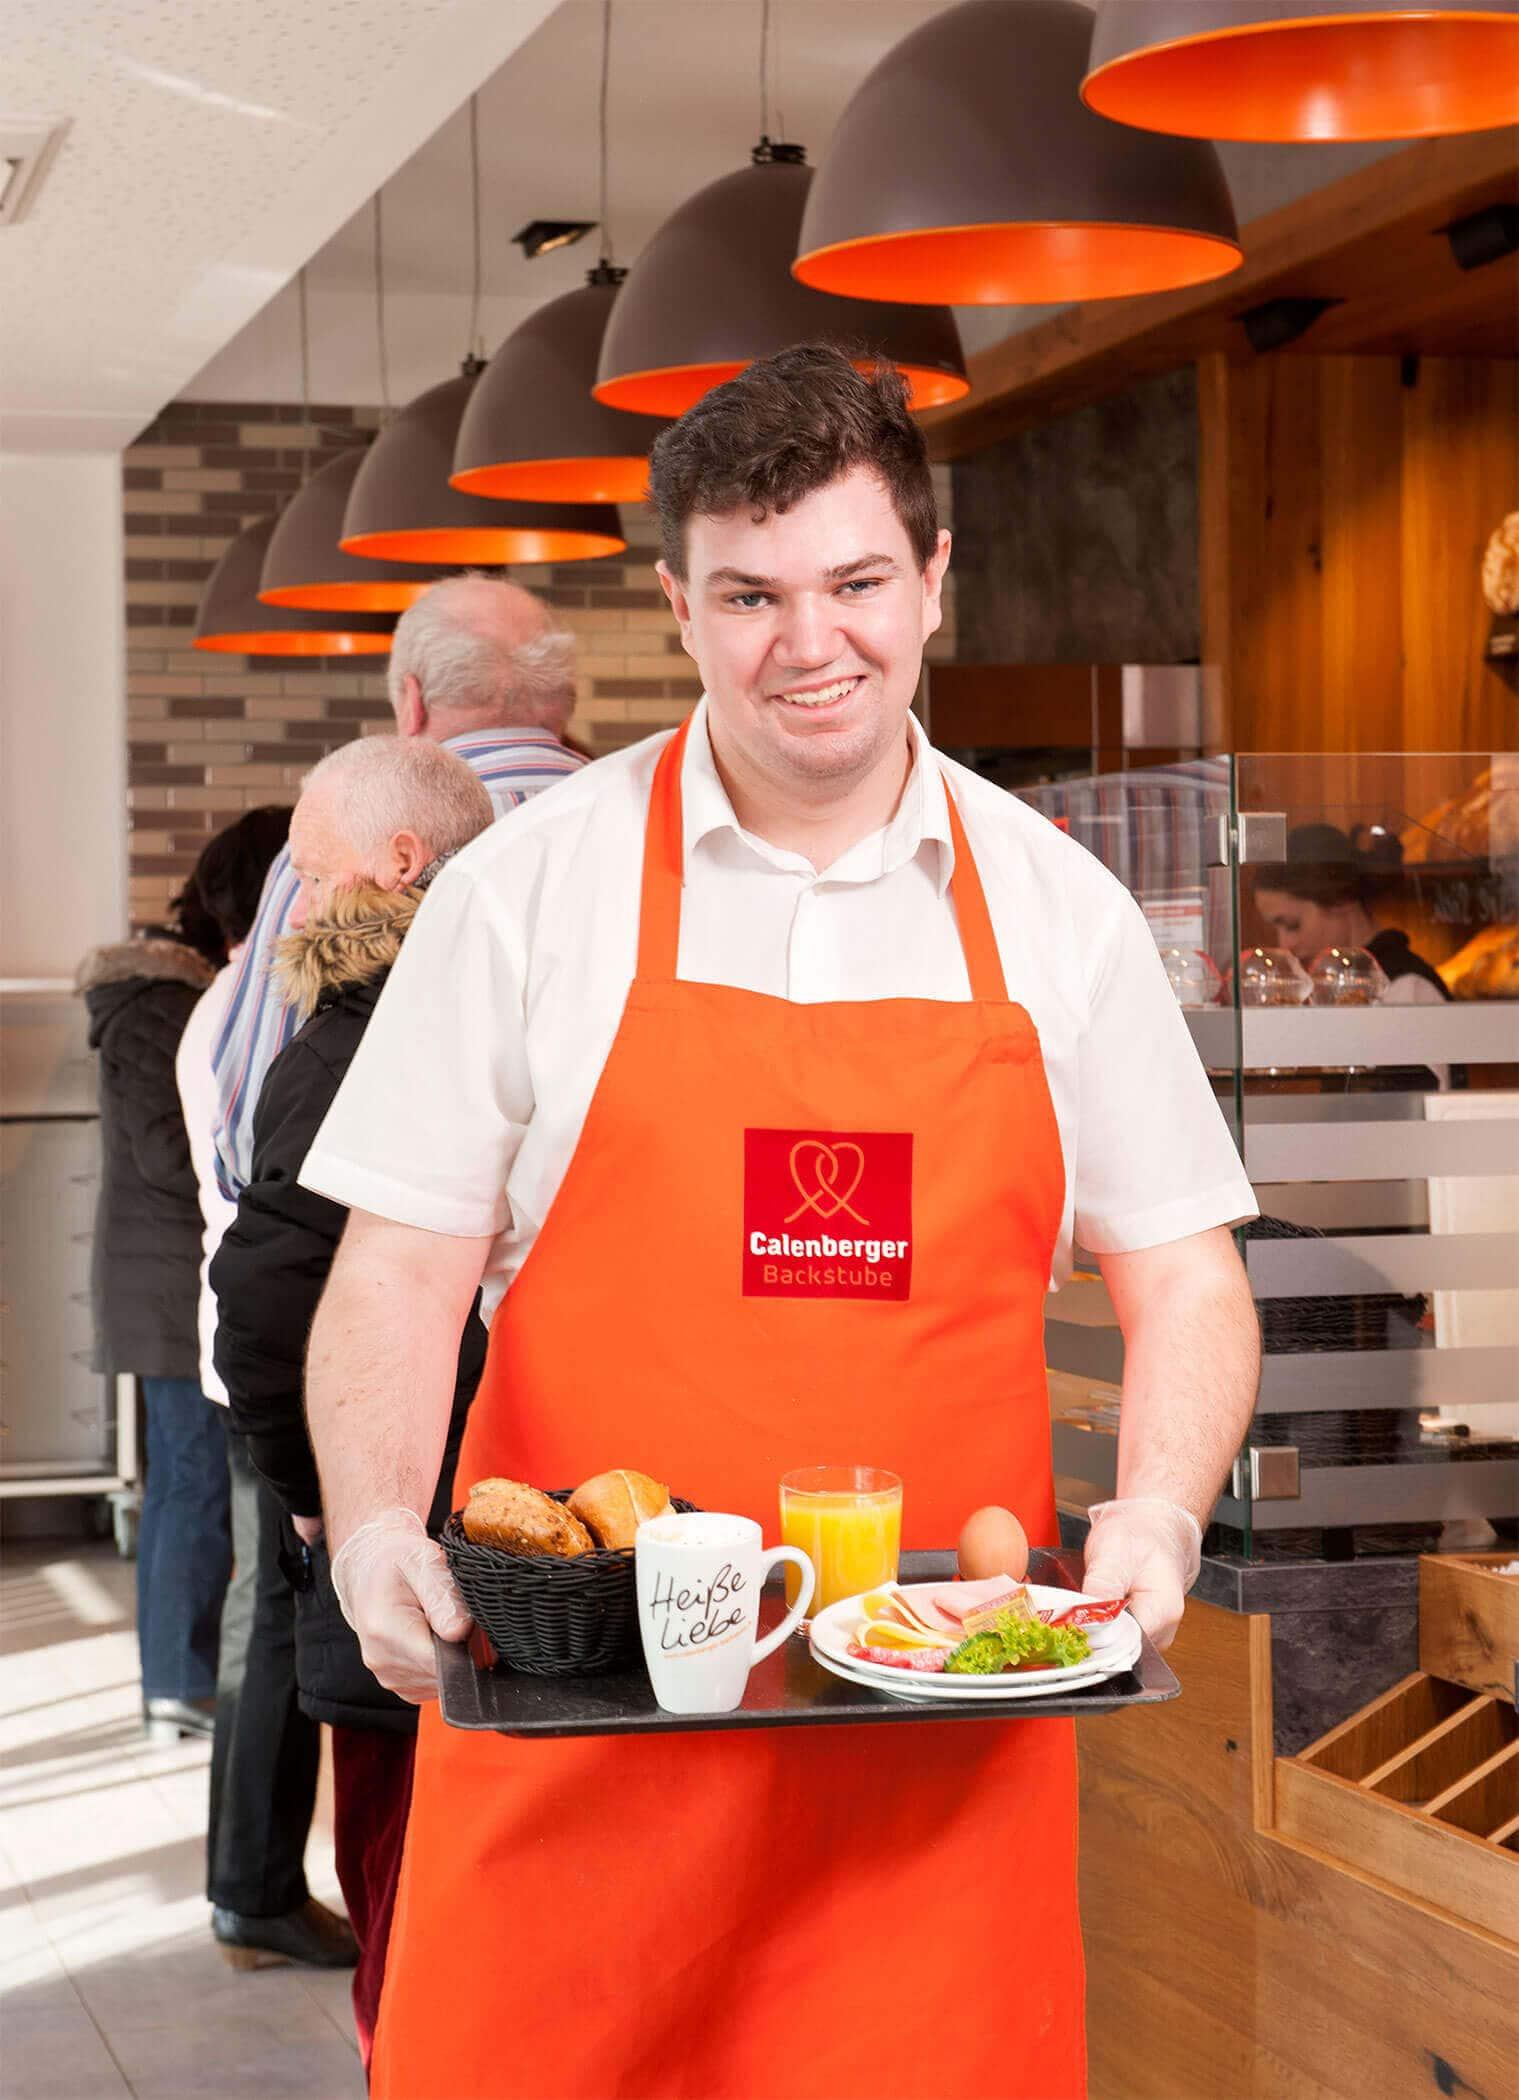 Verkäufer mit Frühstücks-Tablett